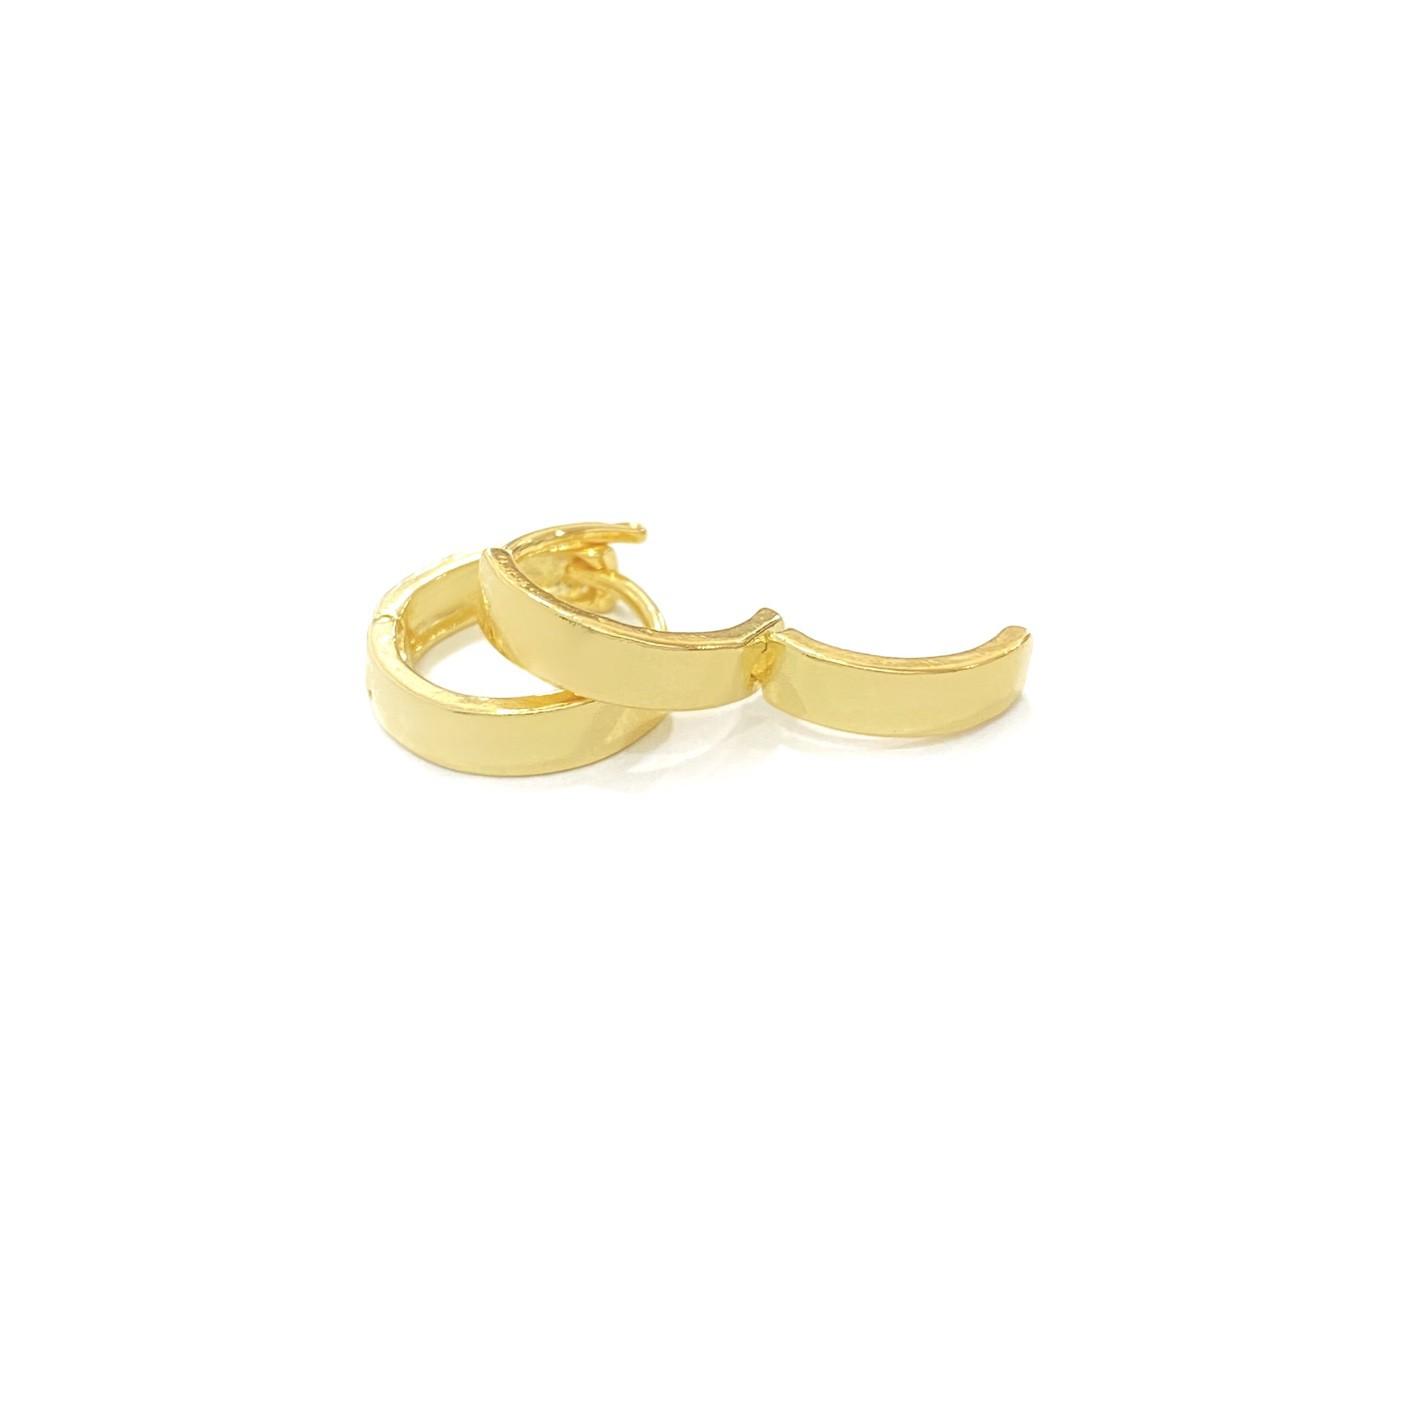 Brinco Argola Chapada M (Banho Ouro 24k)